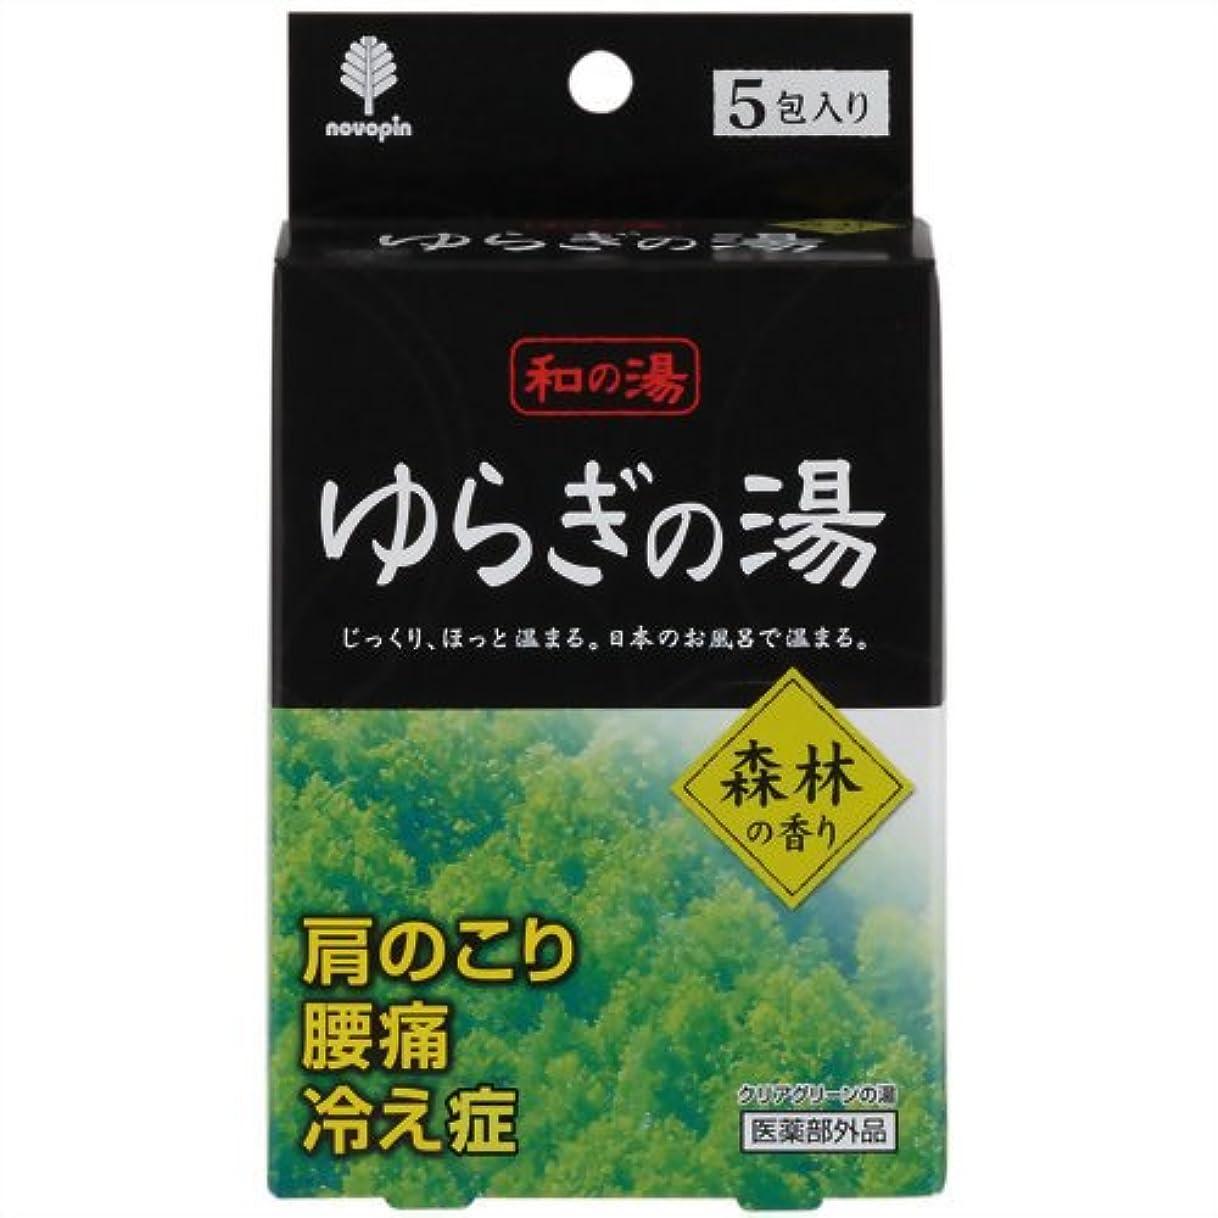 軽編集する呼吸するゆらぎの湯 森林の香り 25g×5包入